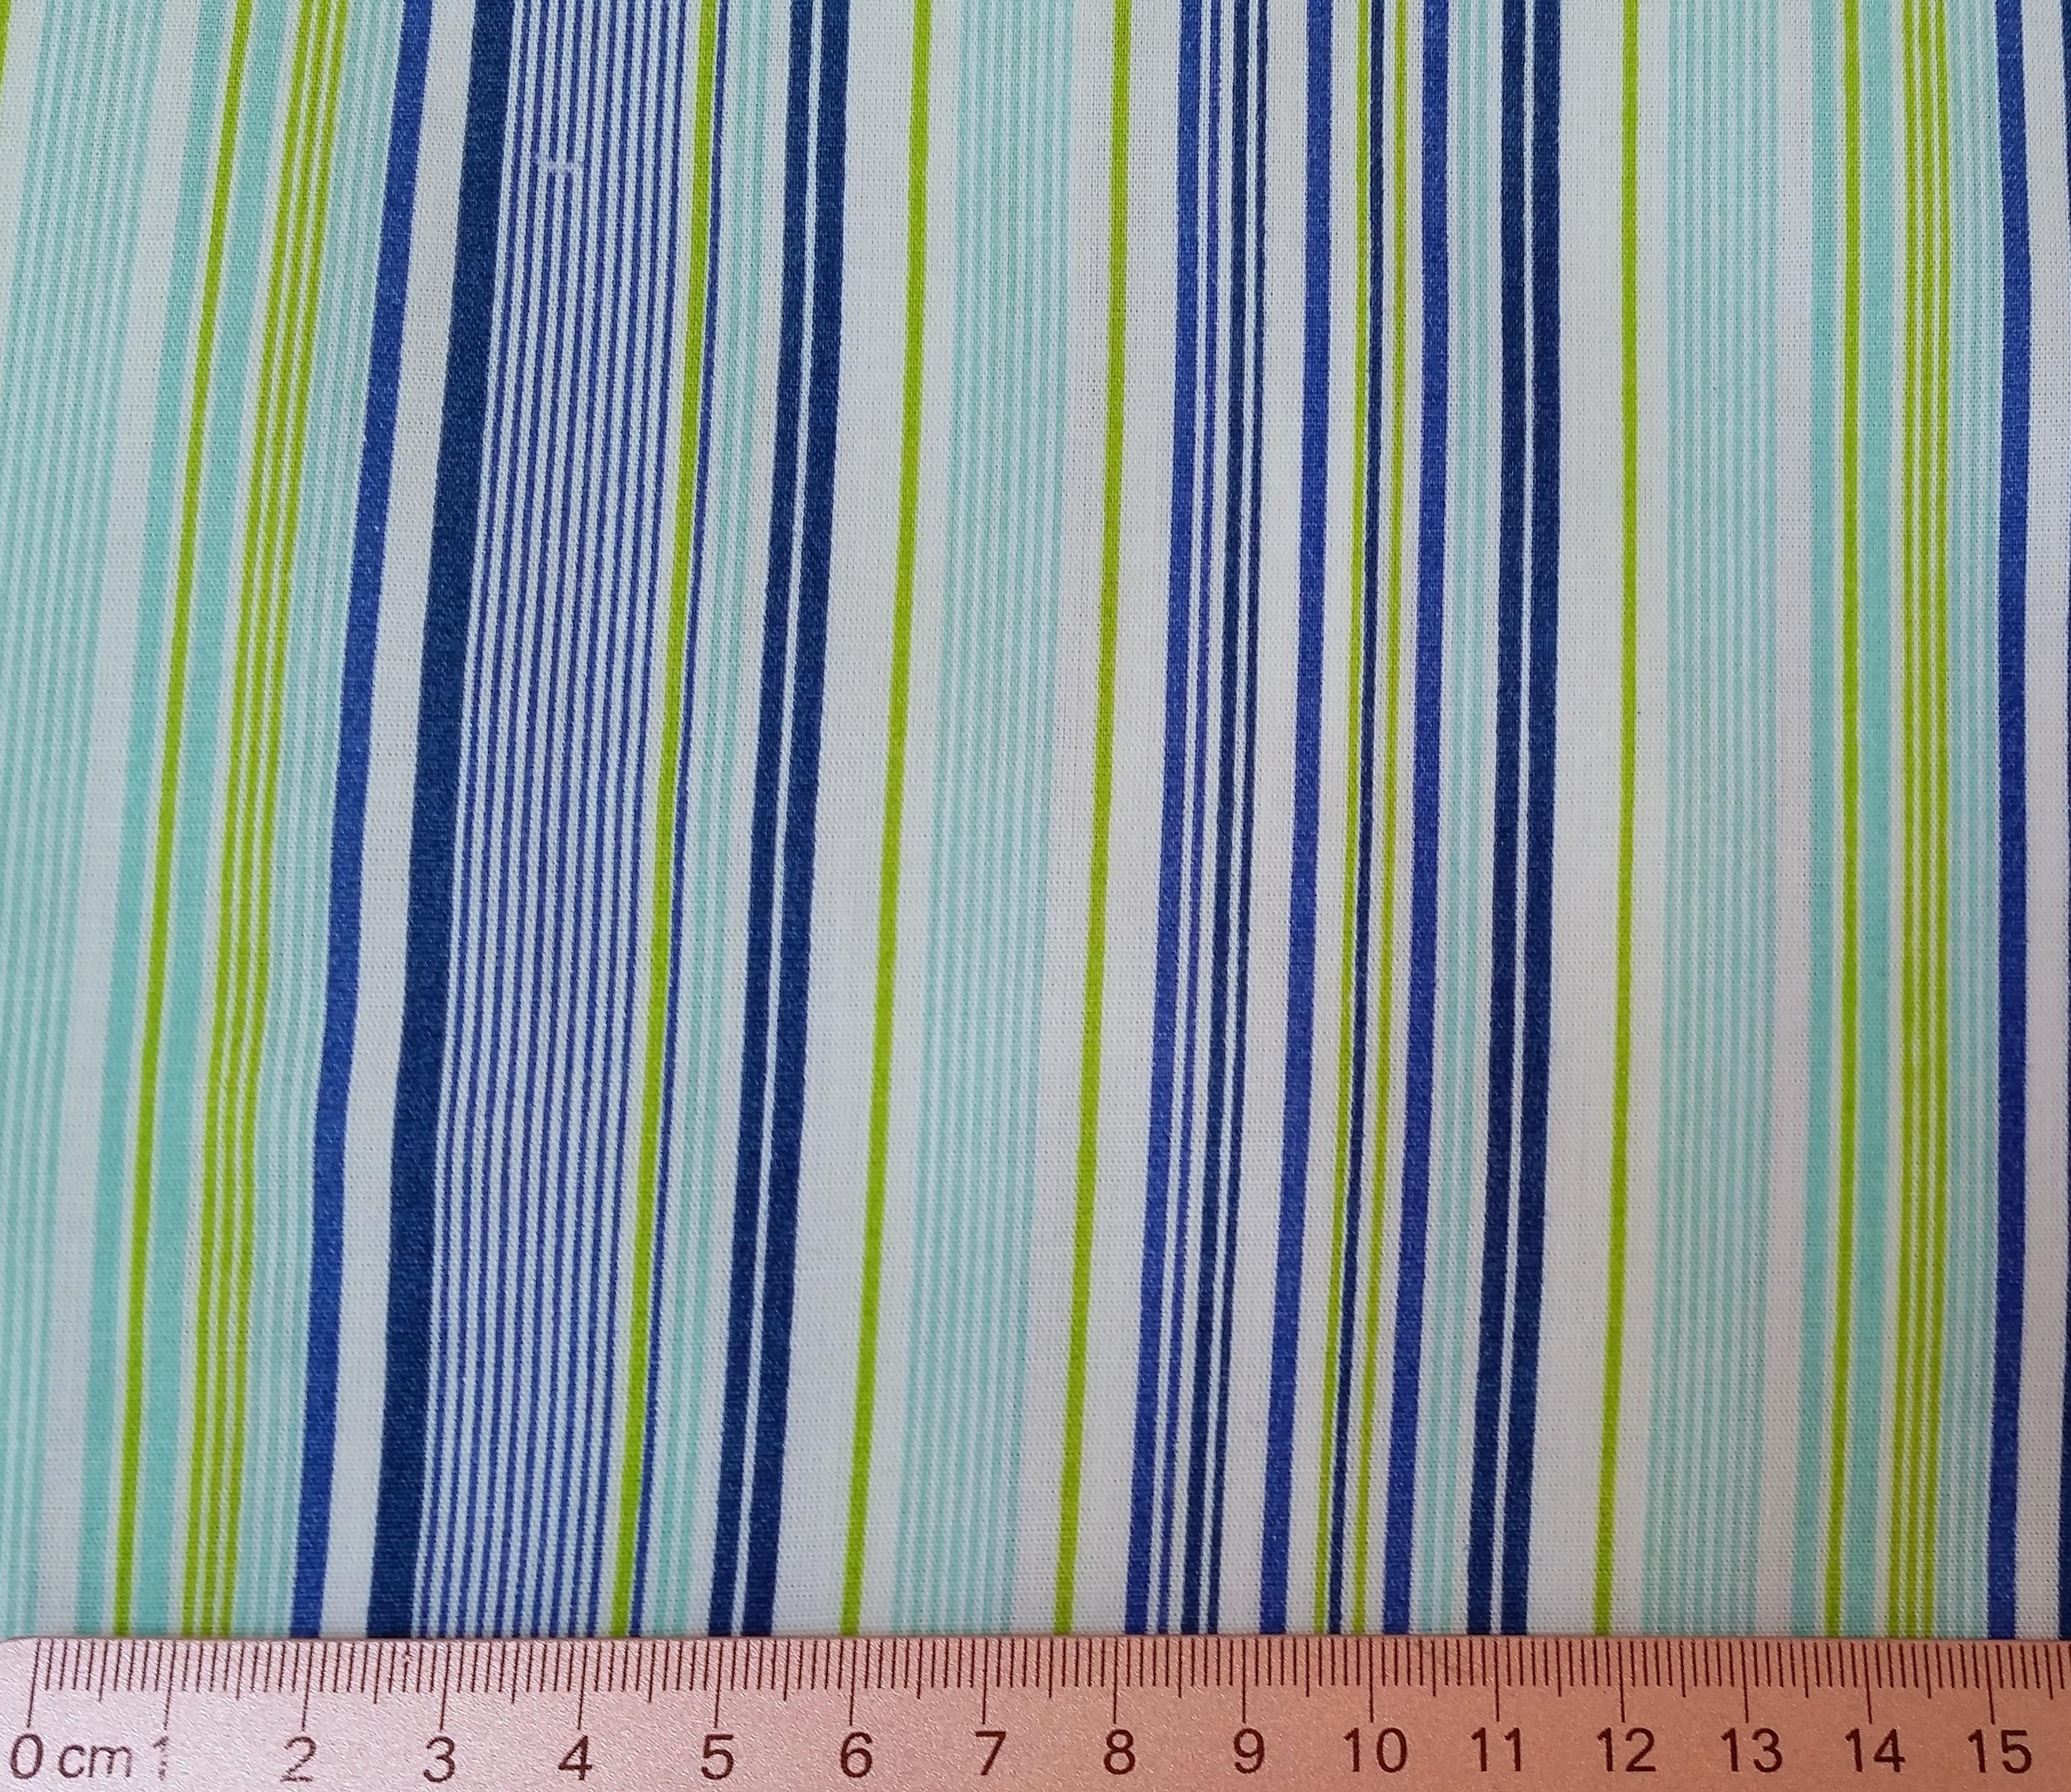 Listras azuis/verdes - tons variados